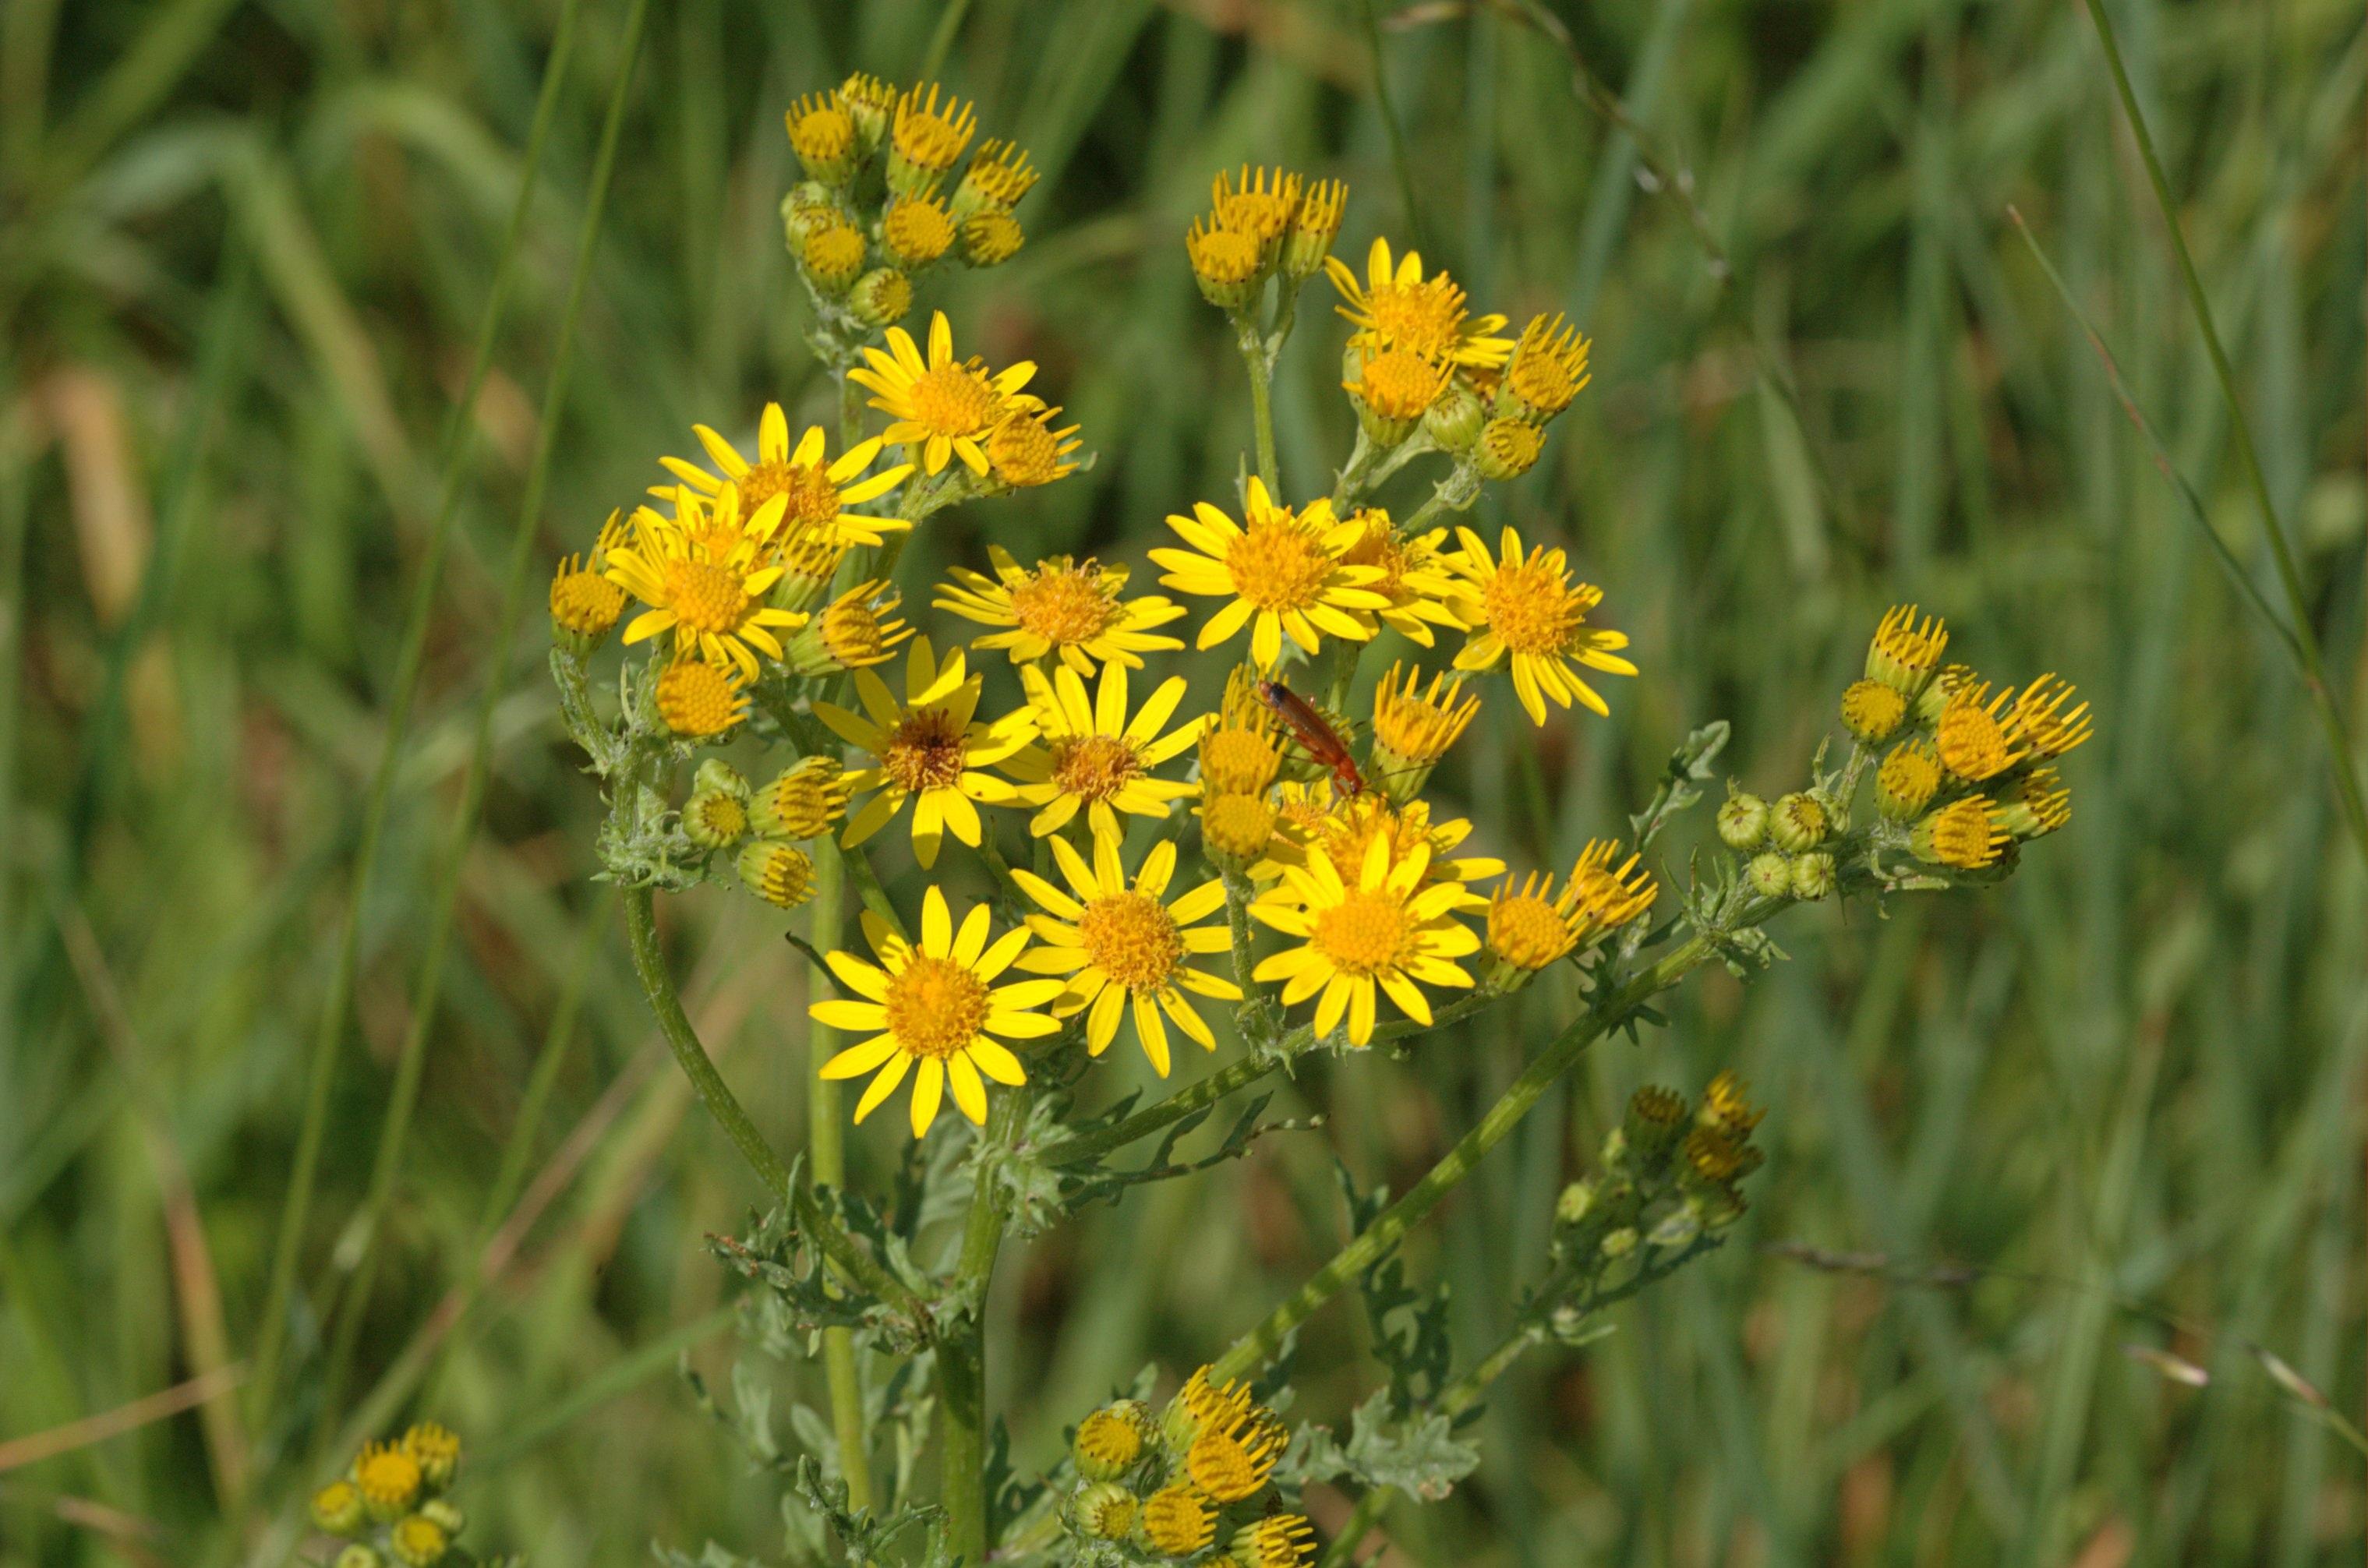 название желтых полевых цветов с картинками случае